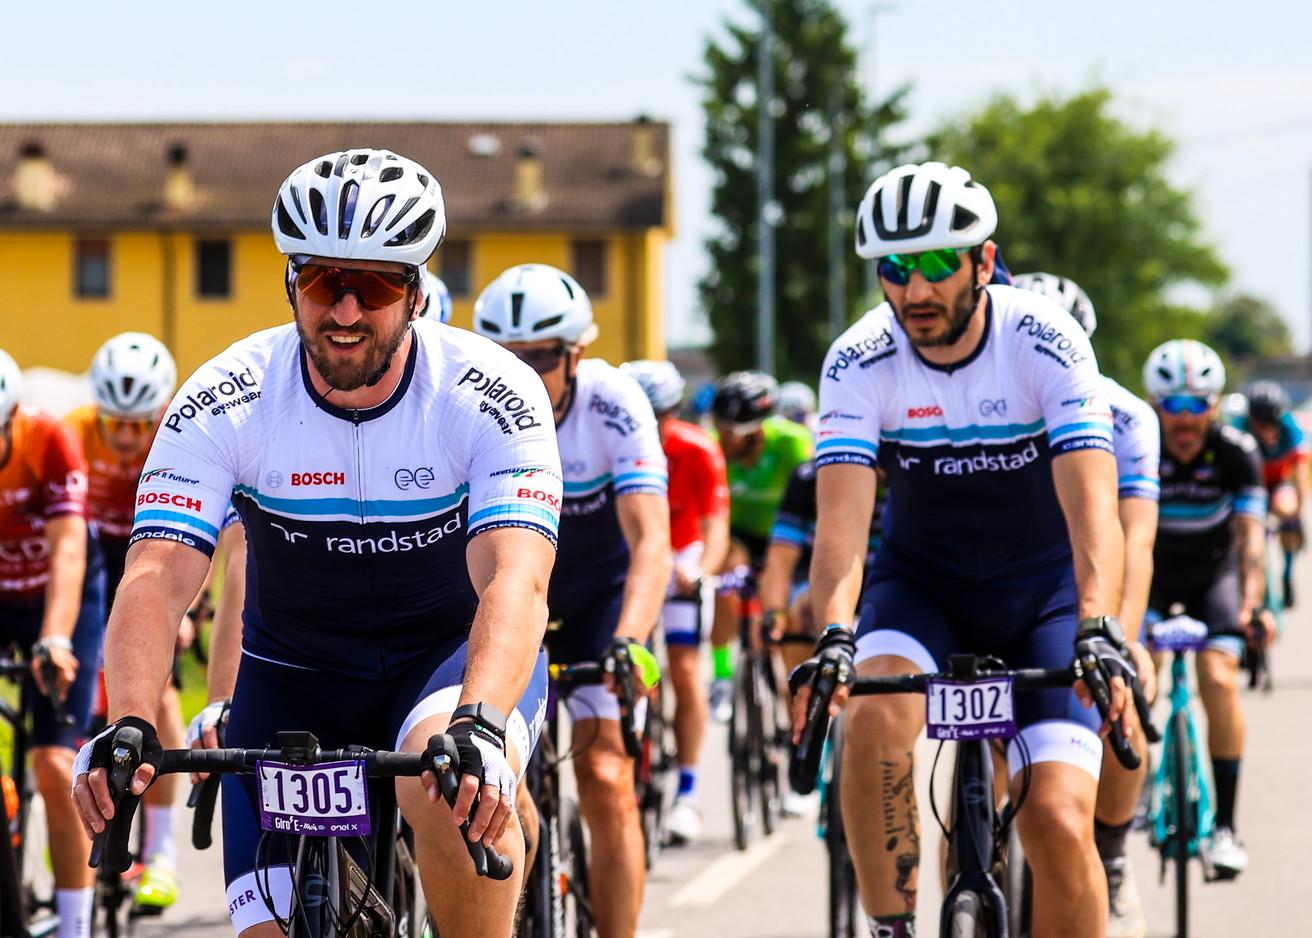 Dalle Iene a Moreno Torricelli passando per Ottavio Missoni e Ghedina&nbsp;si sono sfidati sulle strade del Giro E.<br /><br />